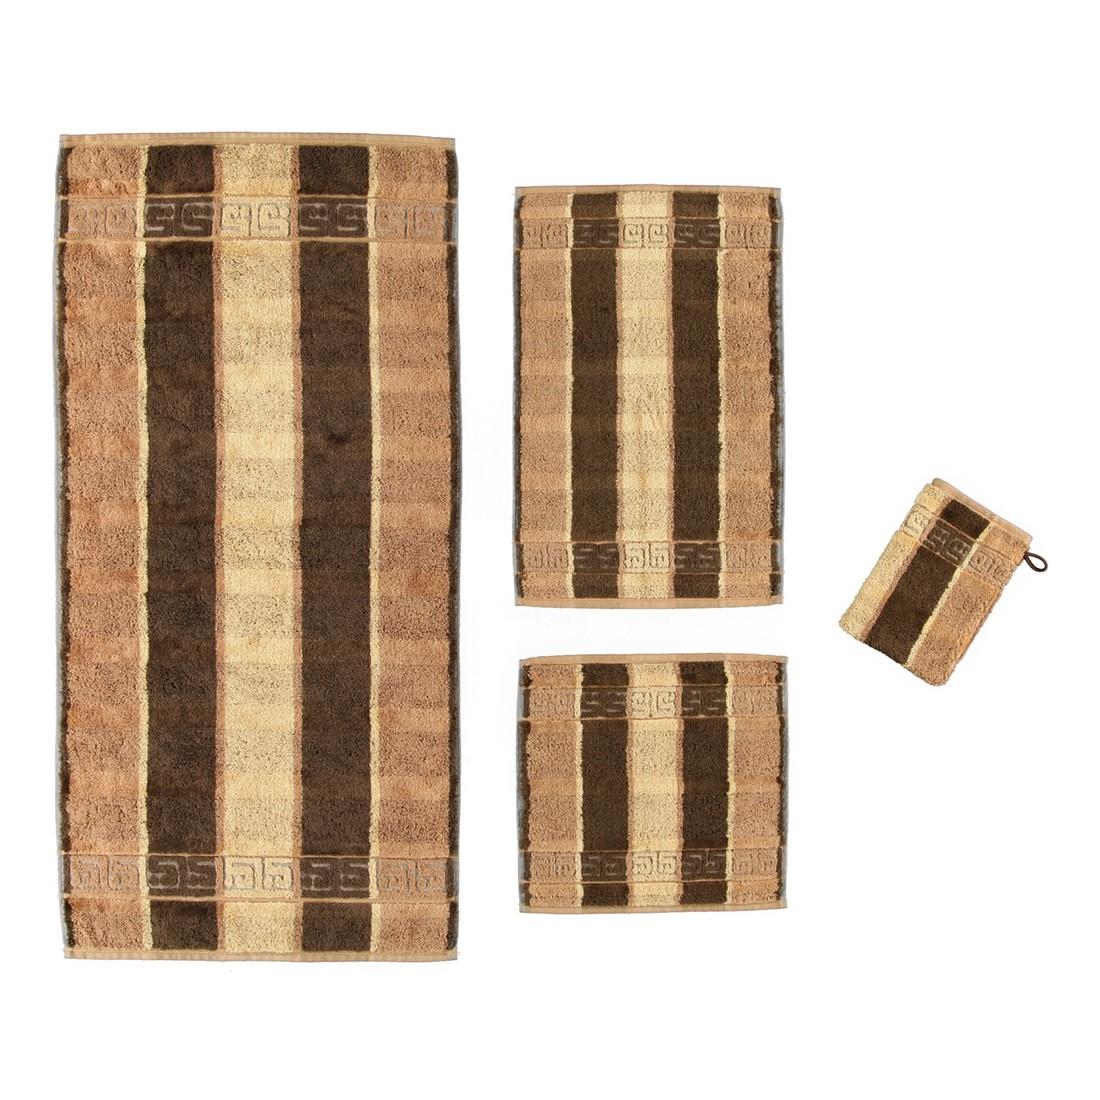 Handtuch Noblesse Streifen – 100% Baumwolle brazil – 33 – Gästetuch: 30 x 50 cm, Cawö günstig kaufen